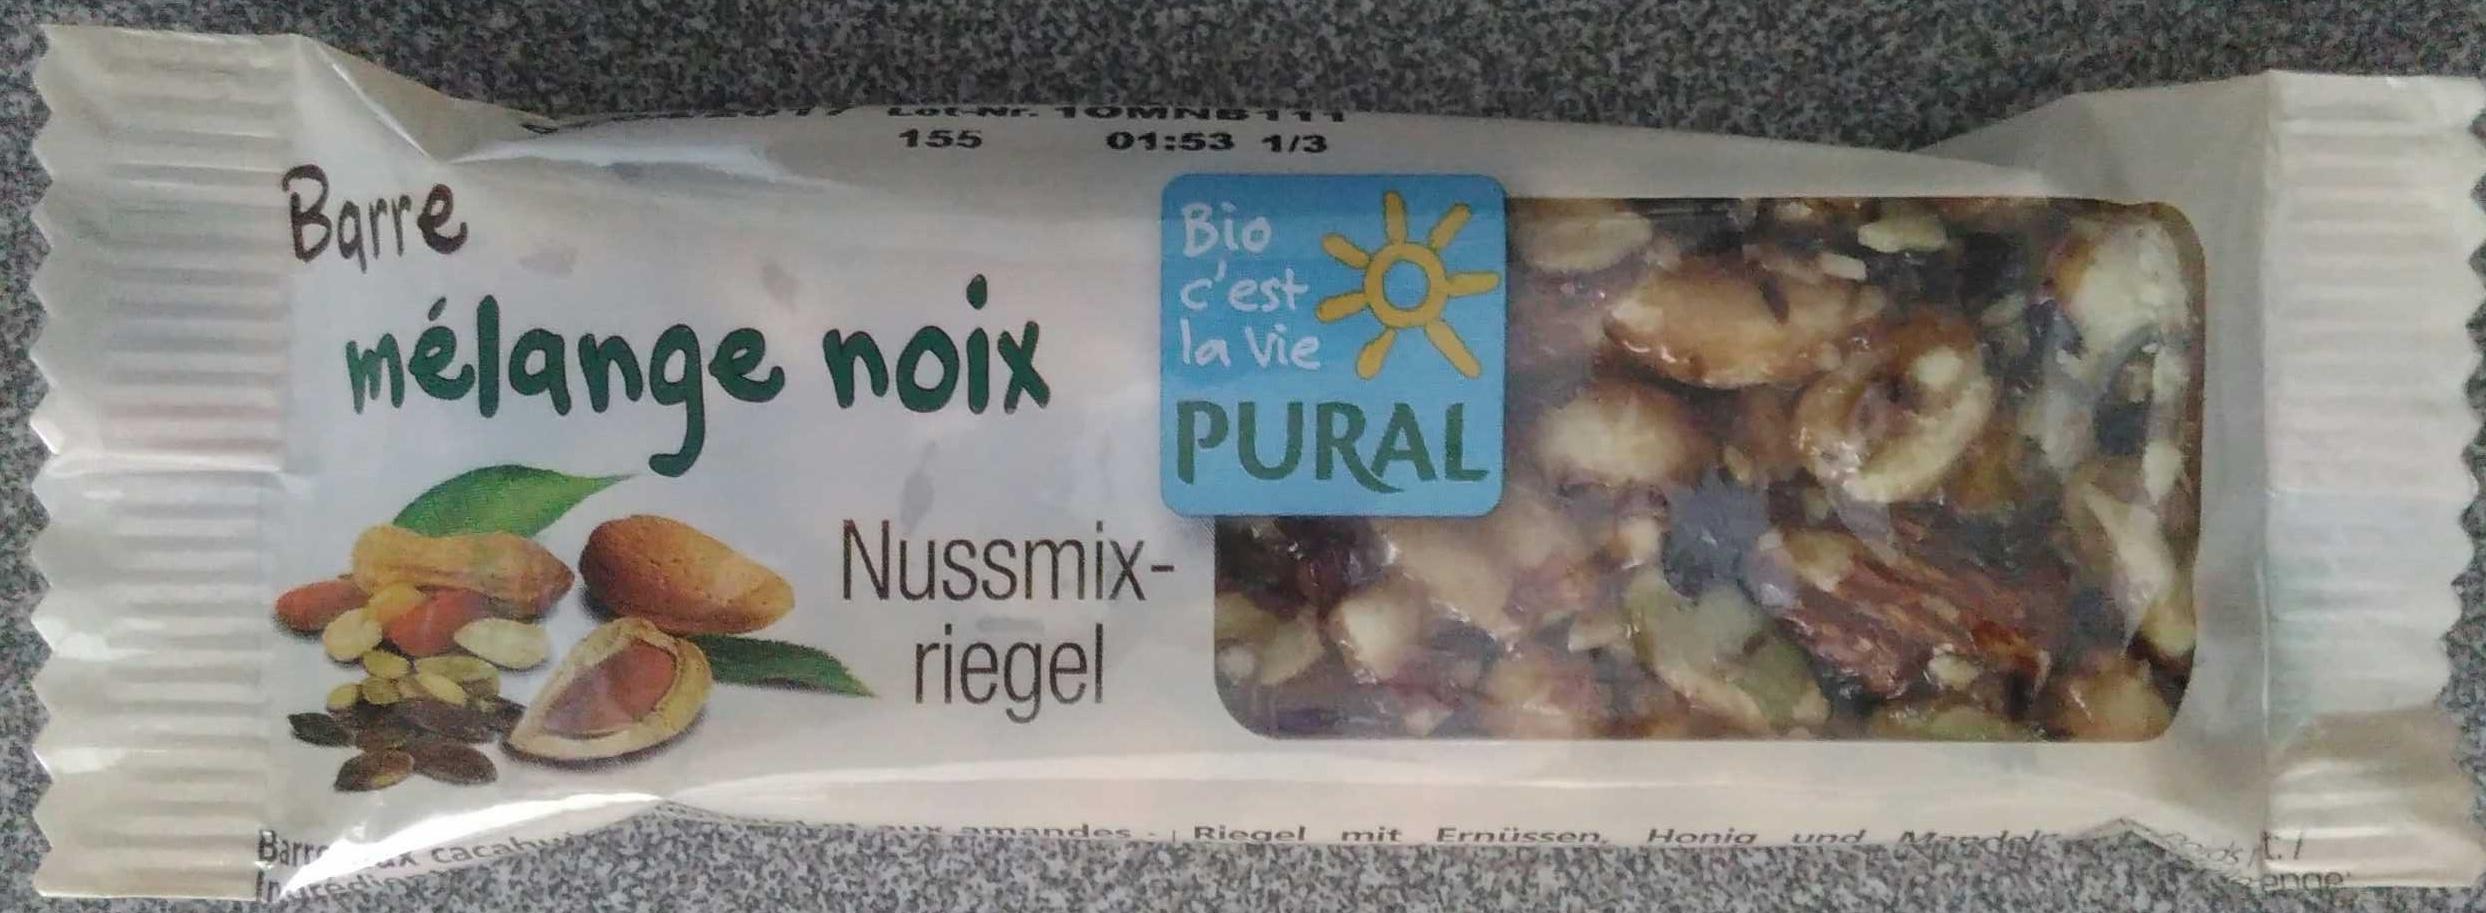 Barre mélange noix - Product